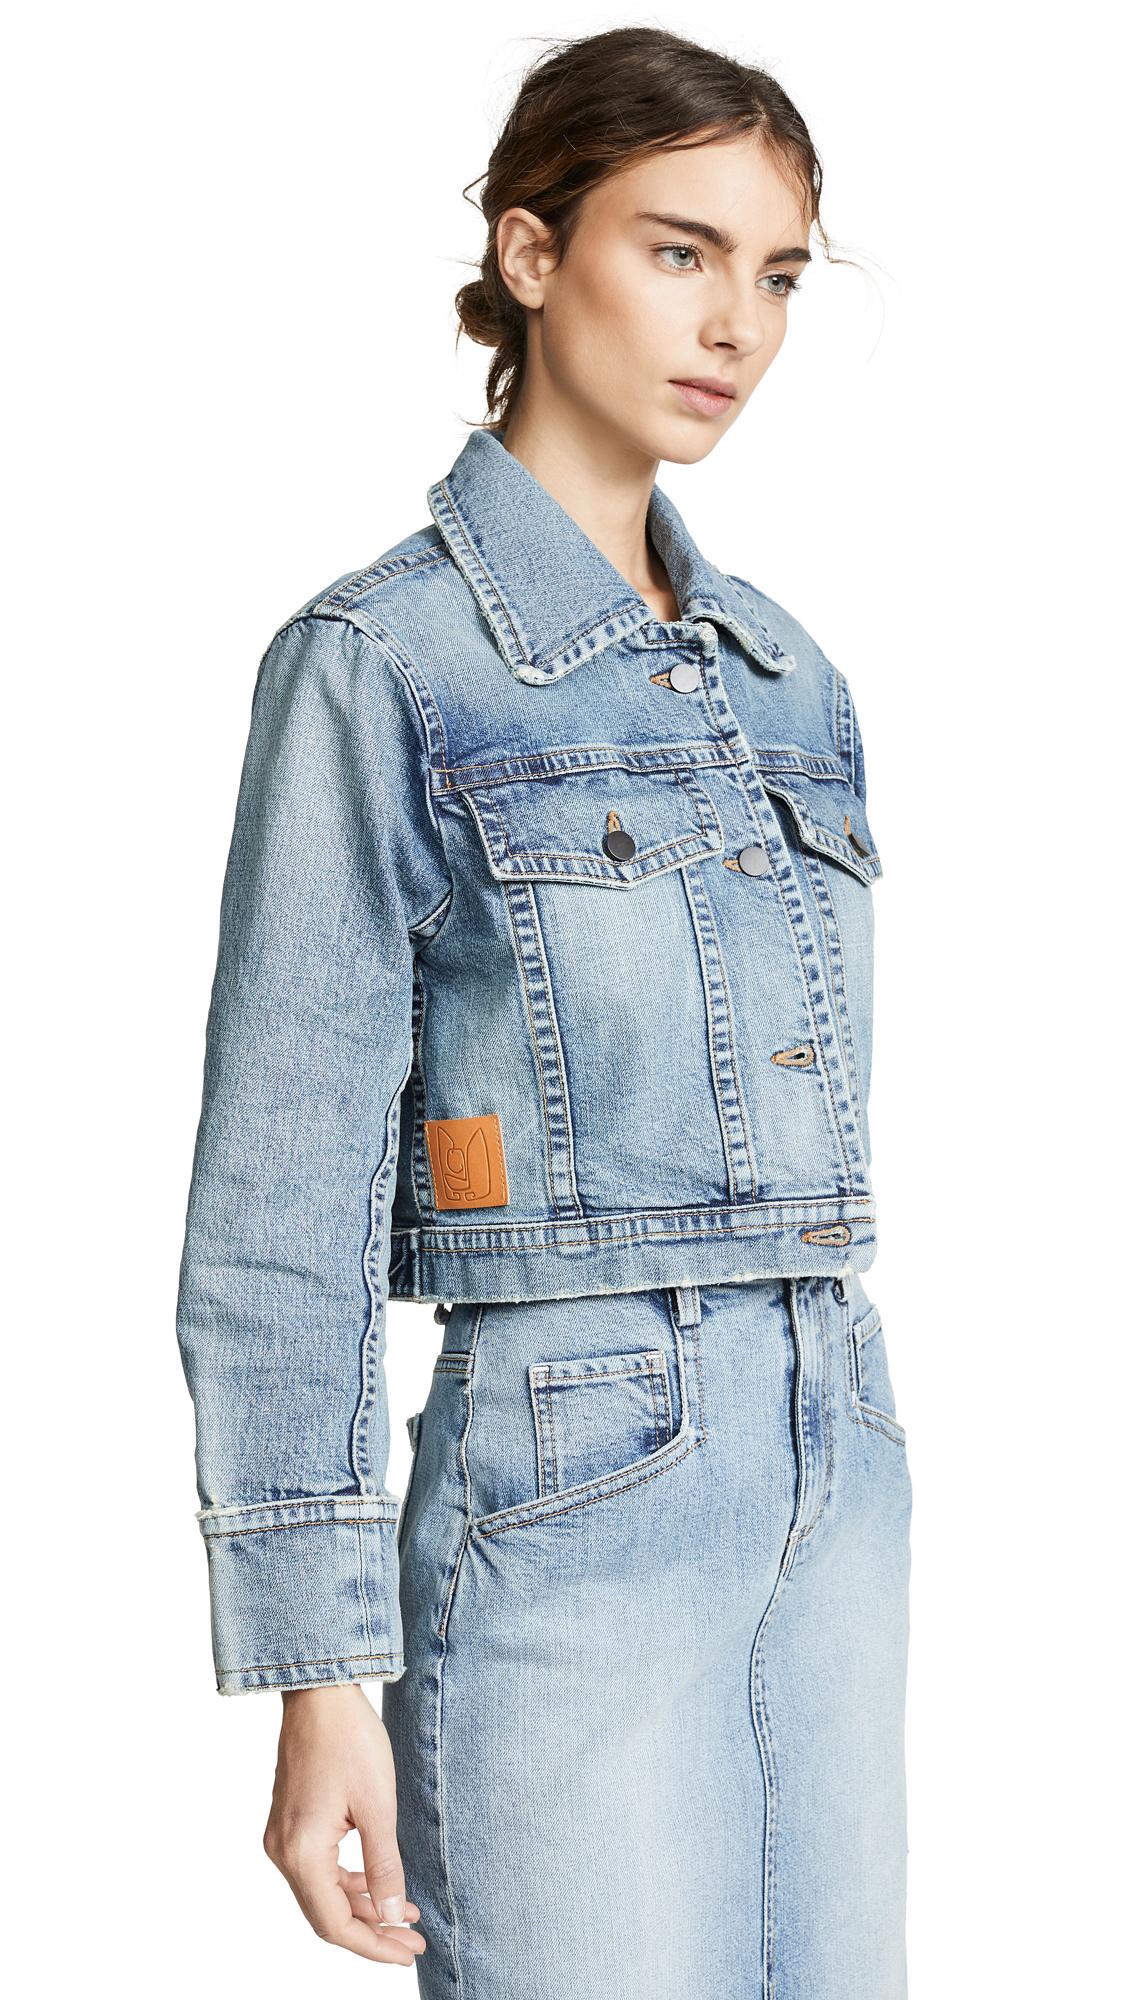 COLOVOS Cropped Vintage Denim Jacket in Vintage Blue